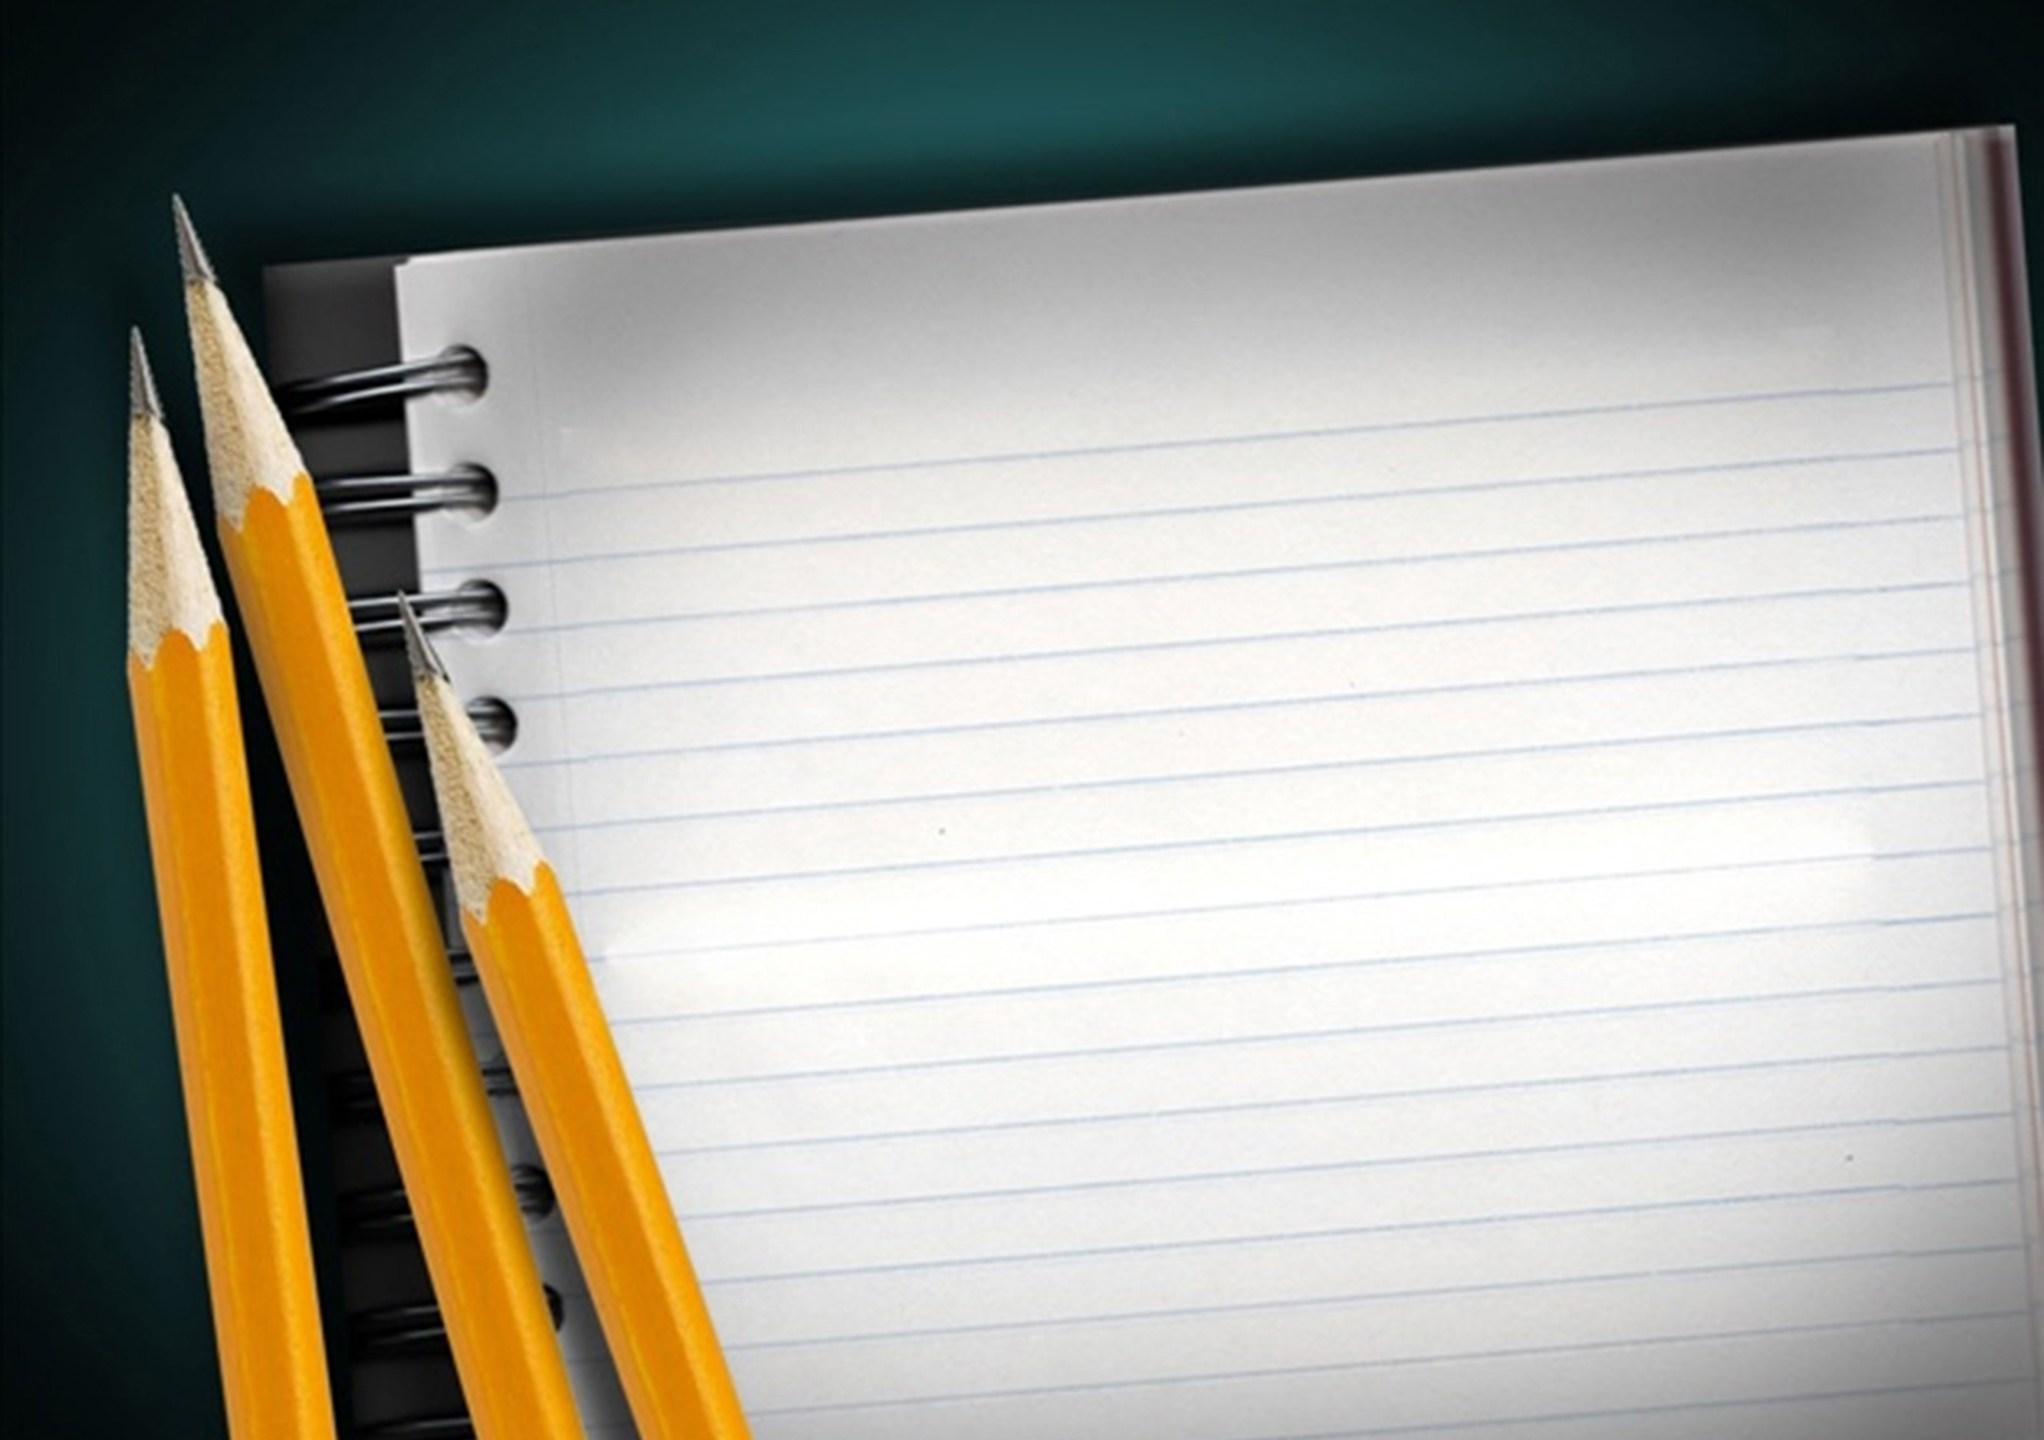 school notebook_1544038370110.jpg.jpg